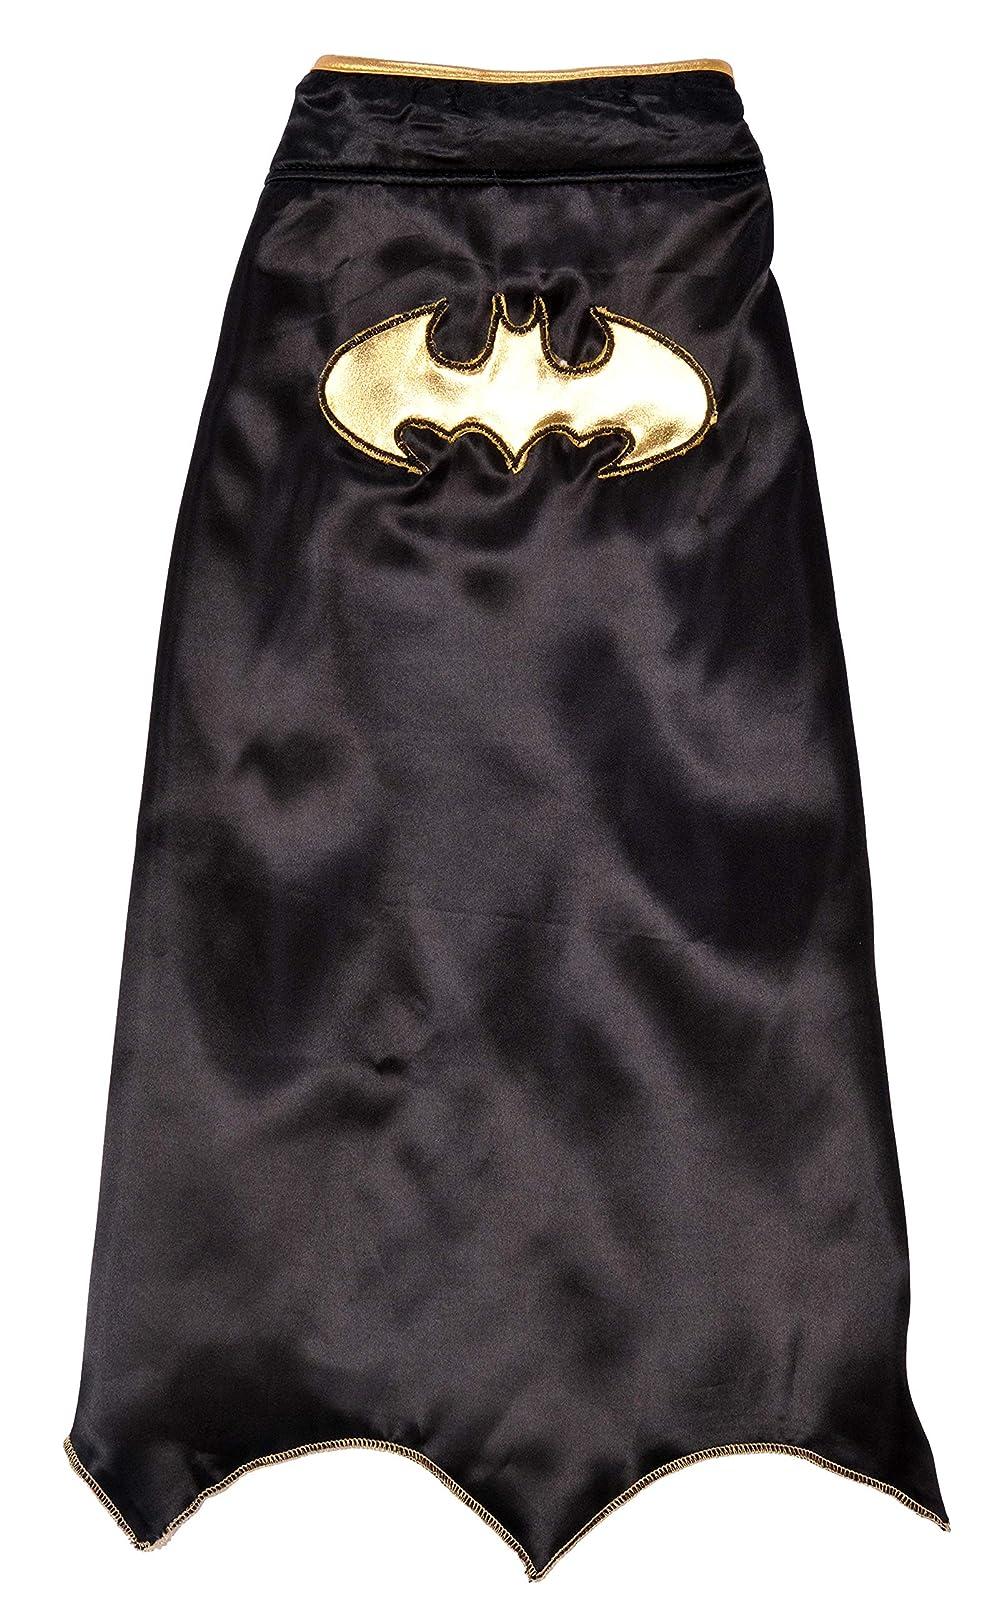 DC Comics Batgirl Pet Cape Medium 580319 M Multicolor - 1